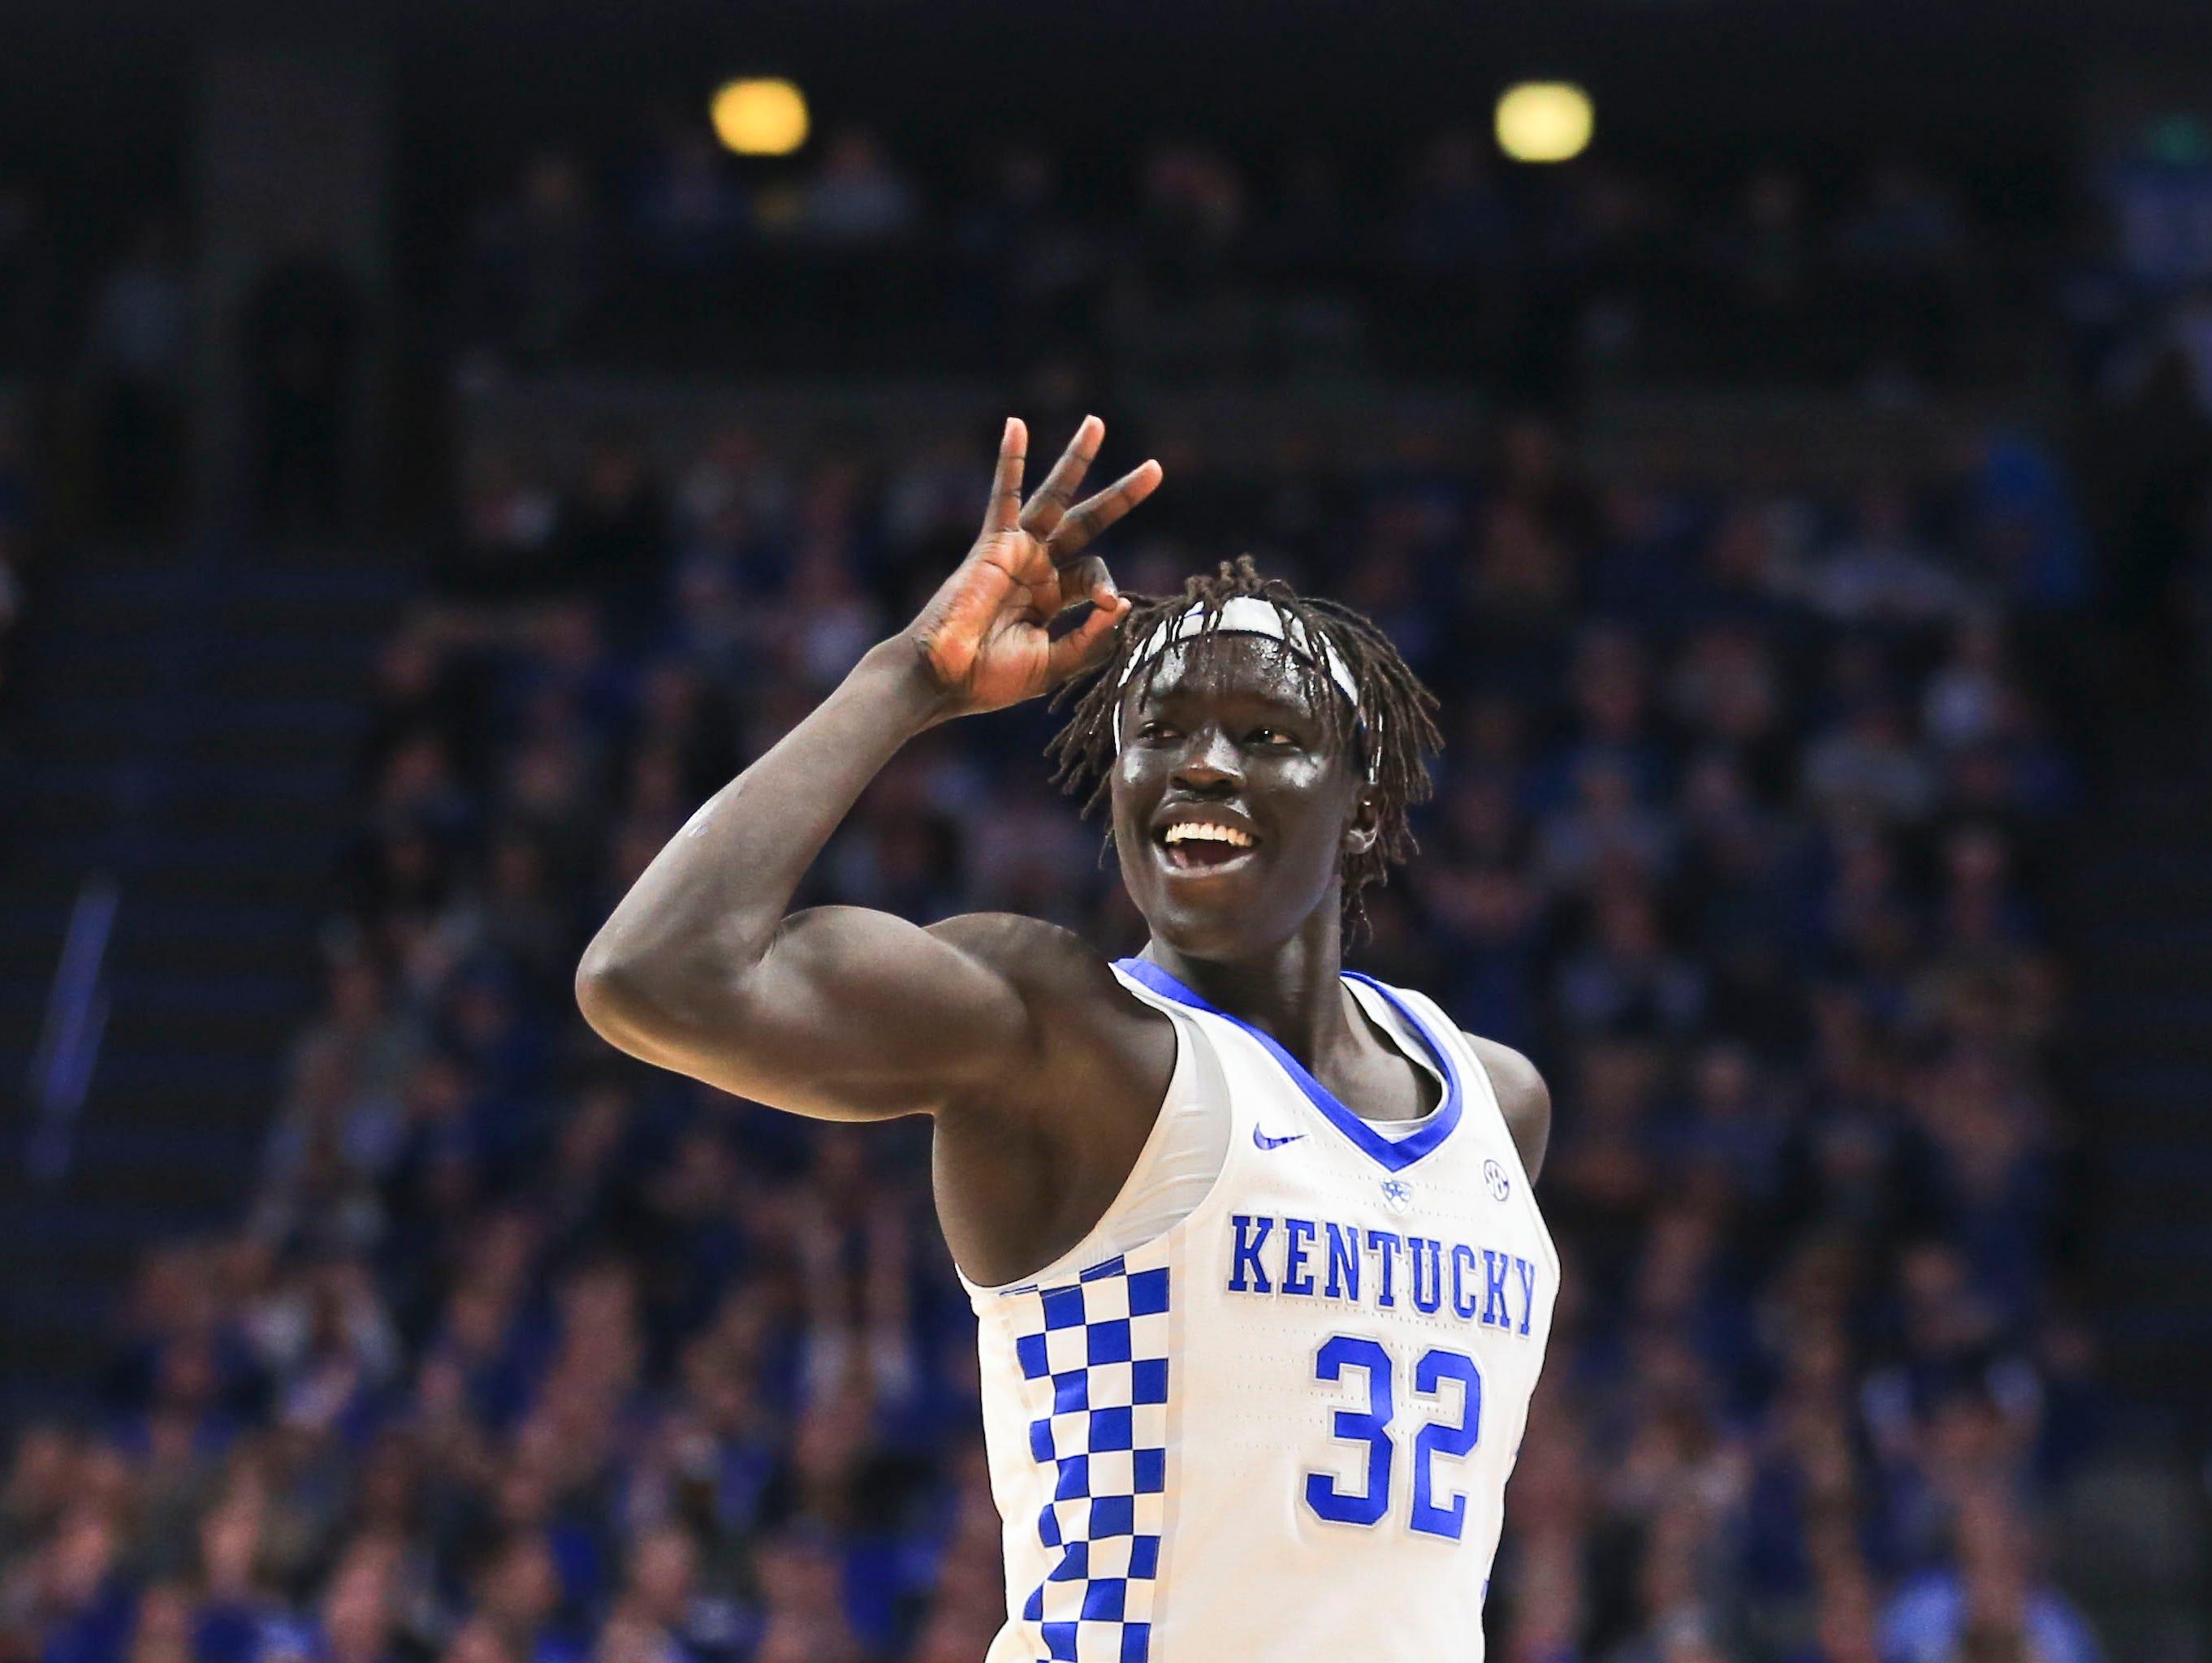 Uk Basketball: How To Watch Kentucky Basketball Vs. UGA: Game Time, TV